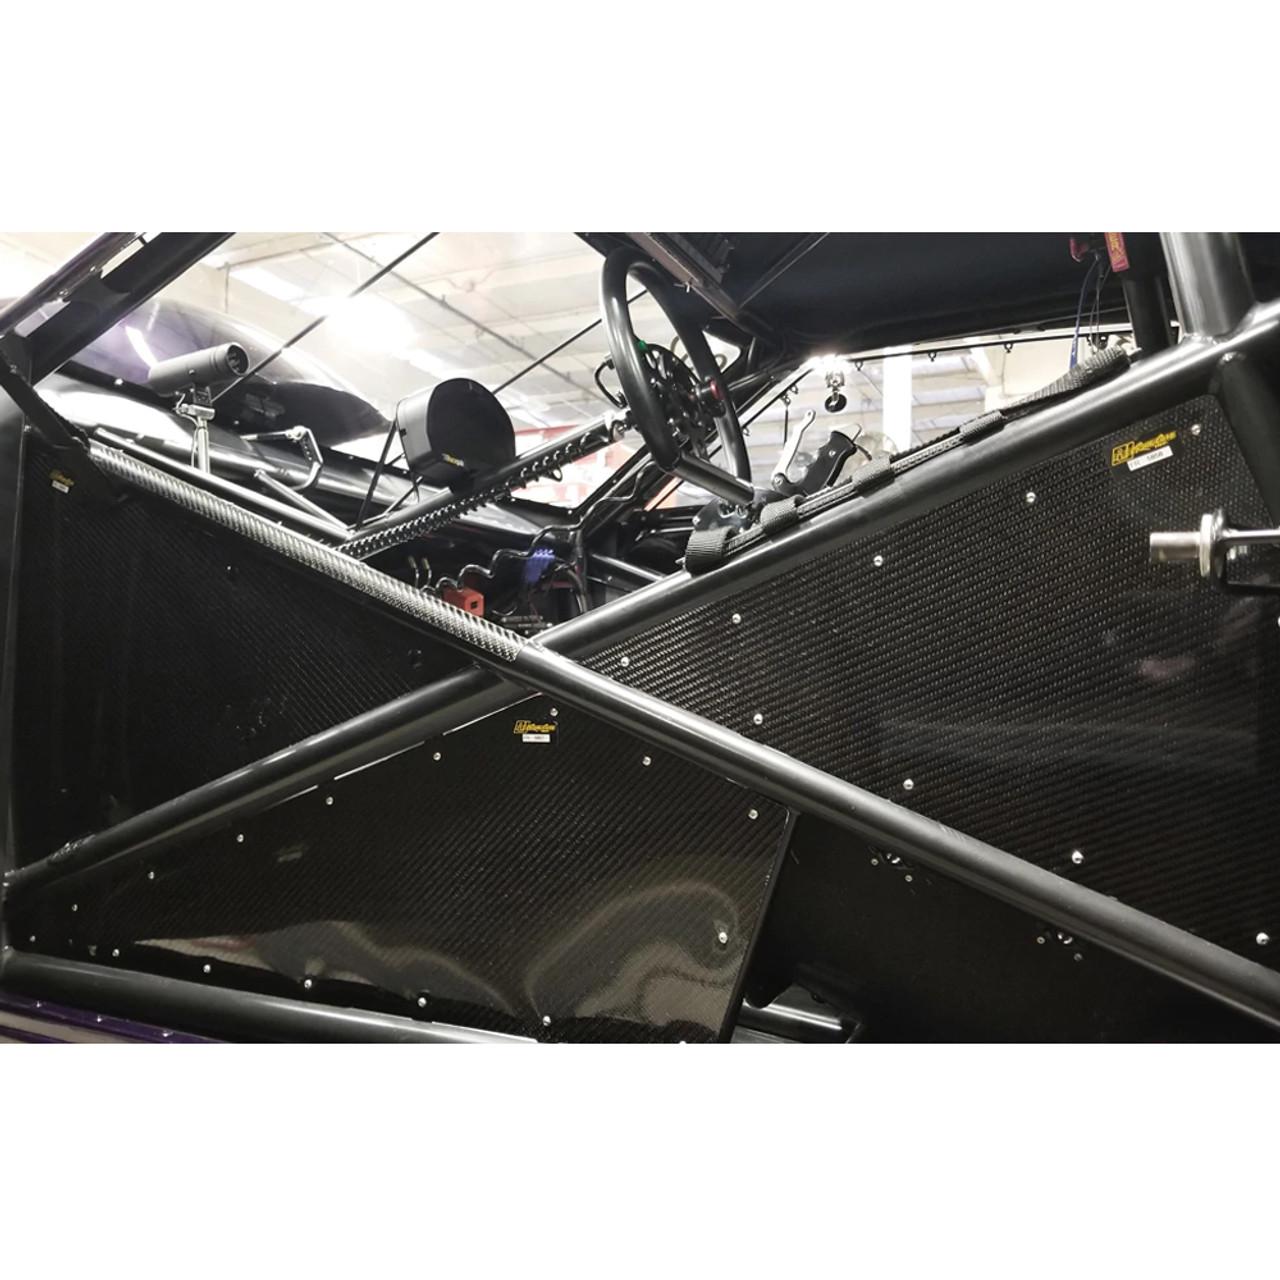 4 X 8 Carbon Fiber Sheet Quarter Max Race Car Fuel Filters